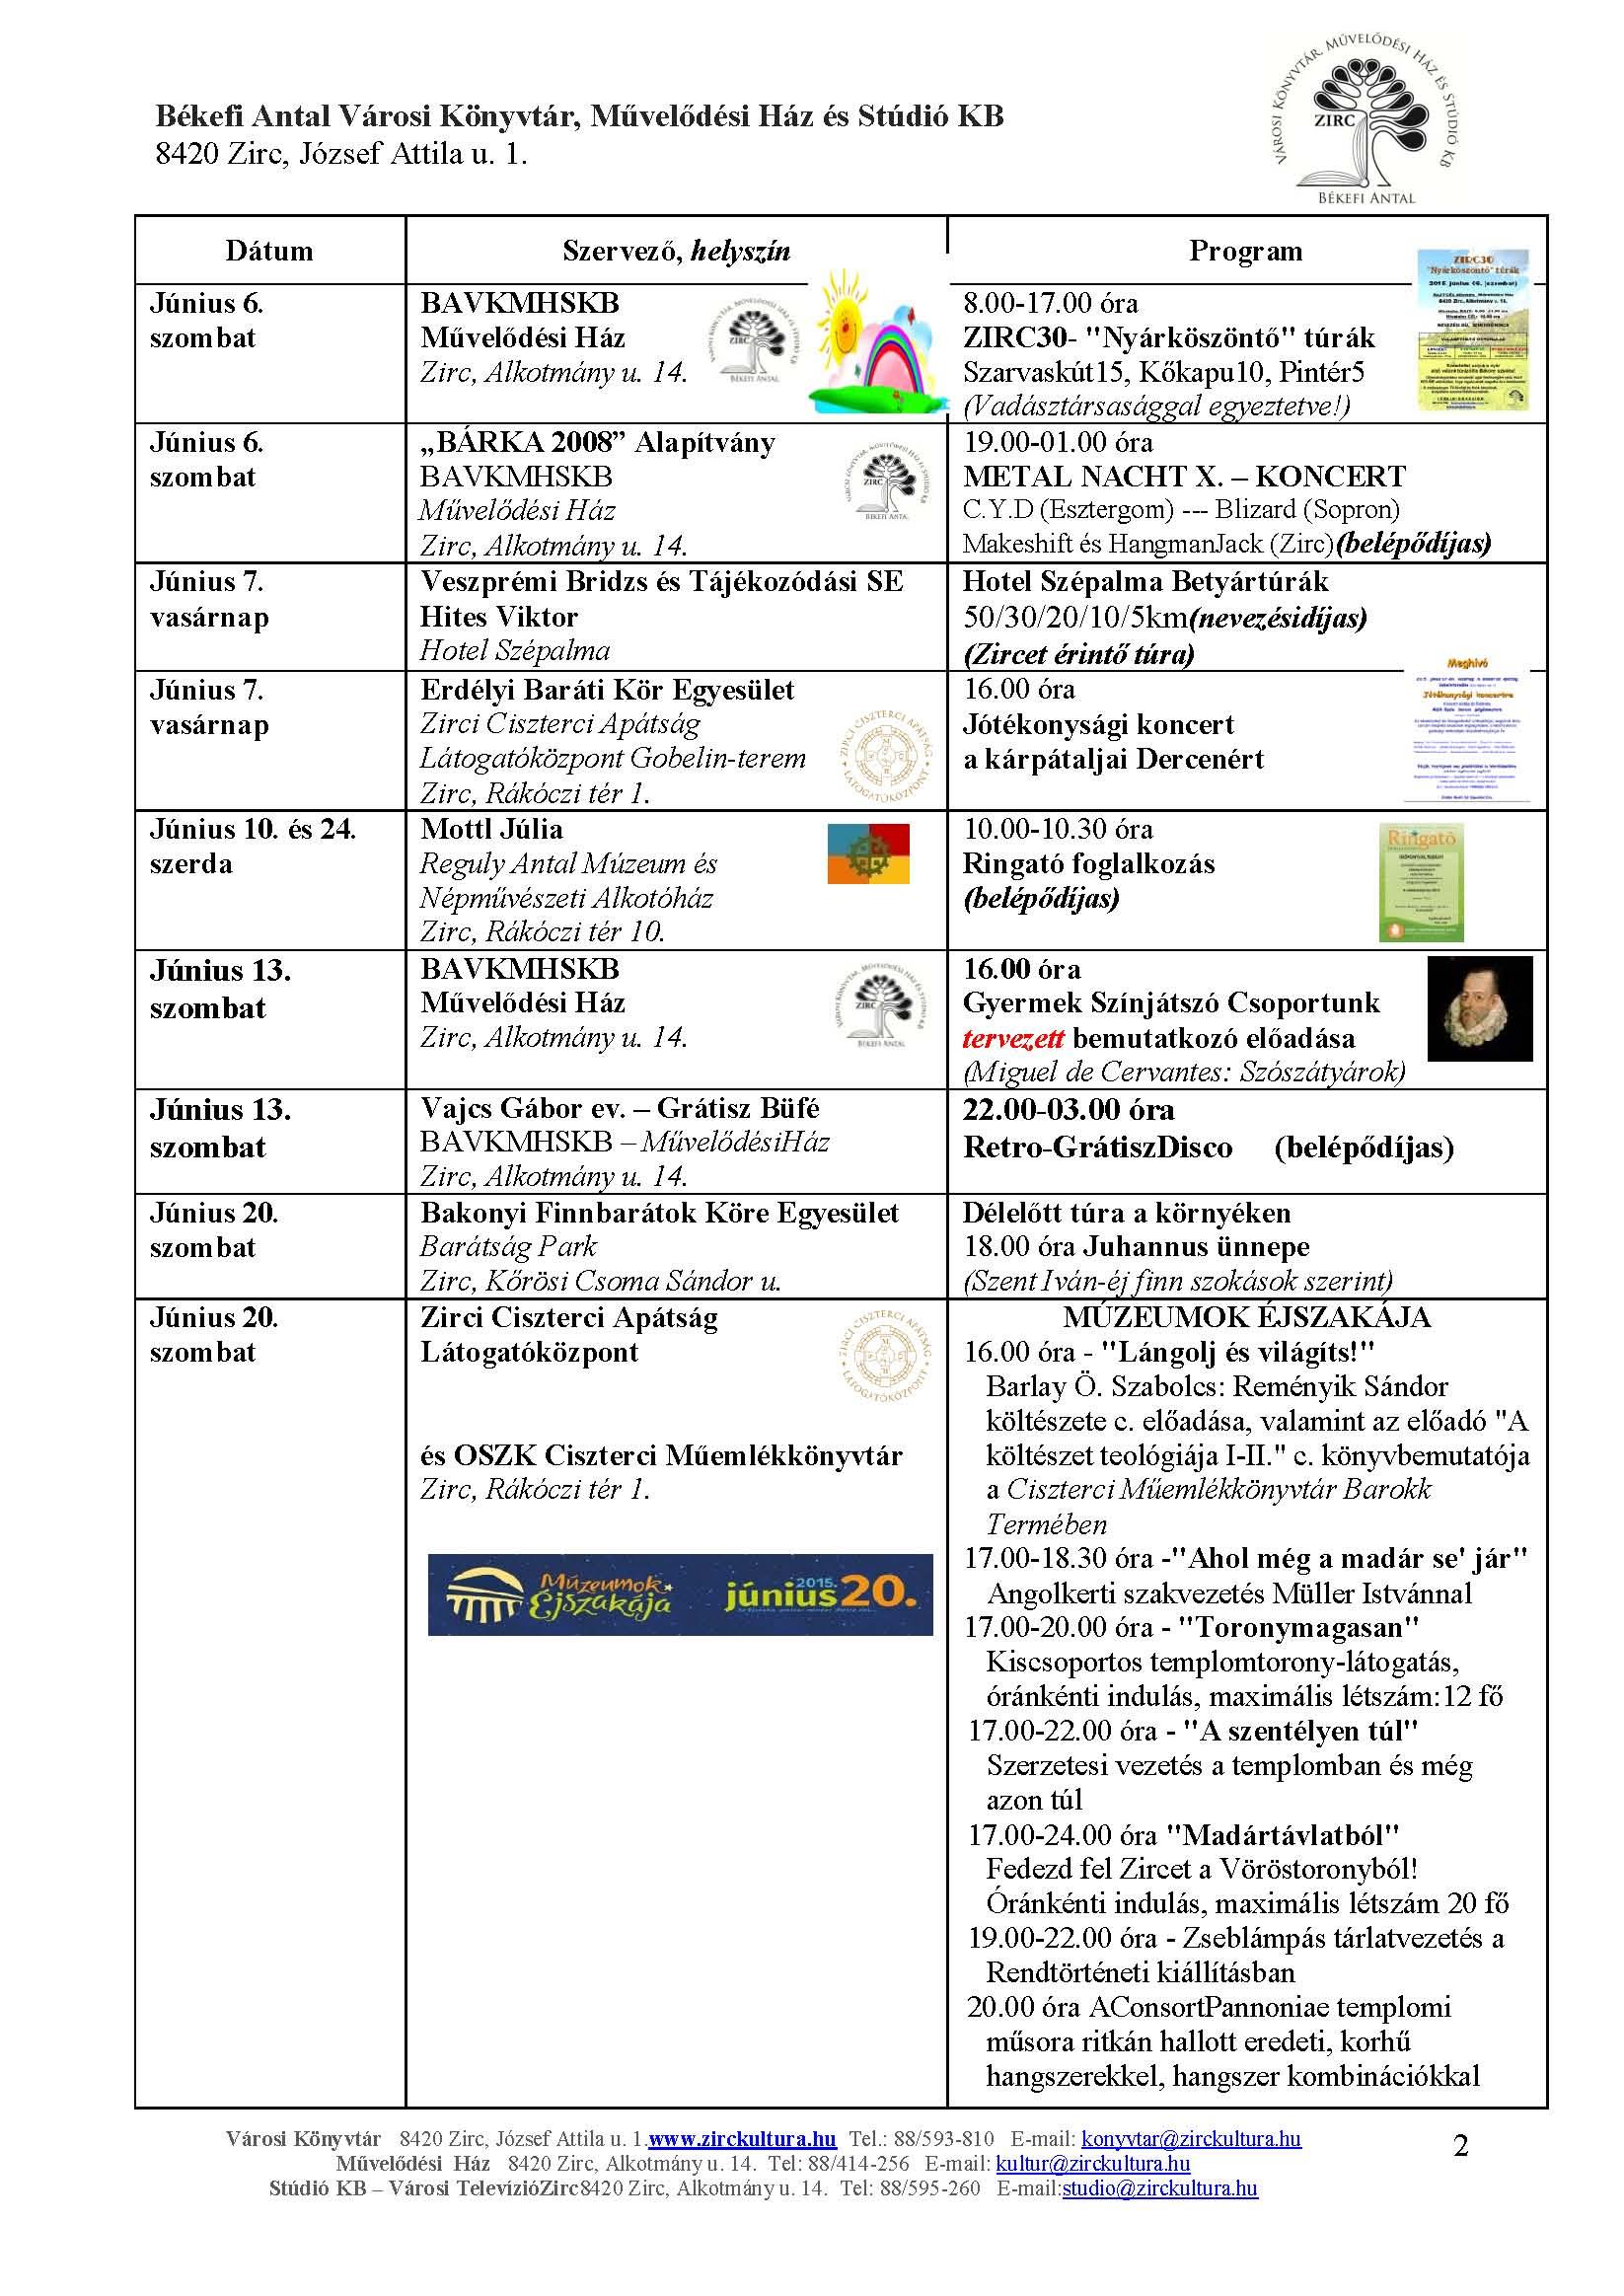 pmh-2015_06_juniusi_programok_zircen2_oldal_2.jpg